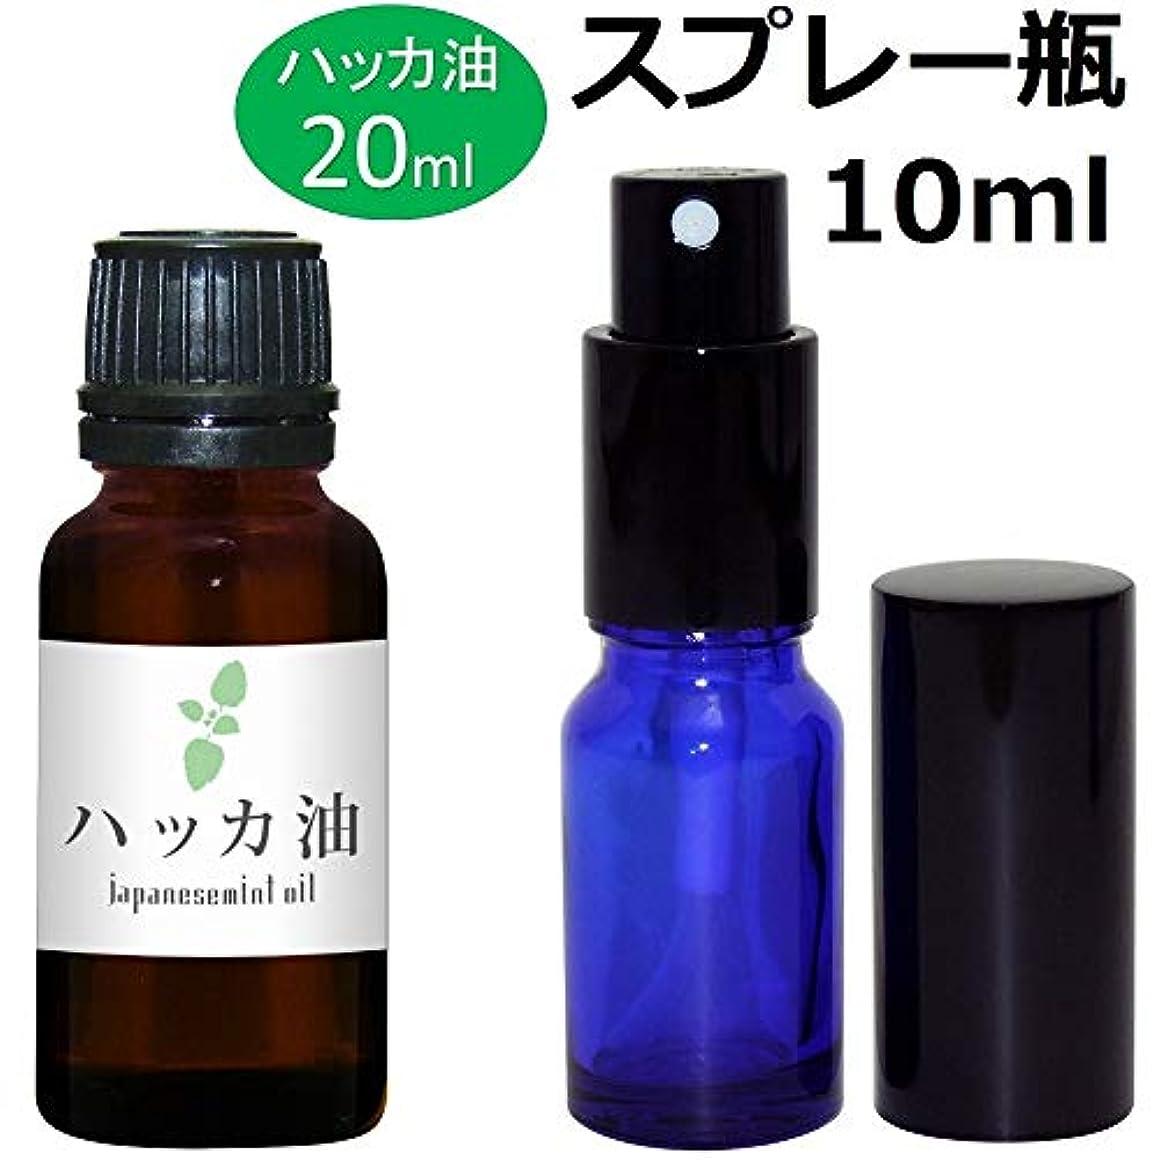 登場入手します肌ガレージ?ゼロ ハッカ油 20ml(GZAK12)+ガラス瓶 スプレーボトル10ml/和種薄荷/ジャパニーズミント GSE533